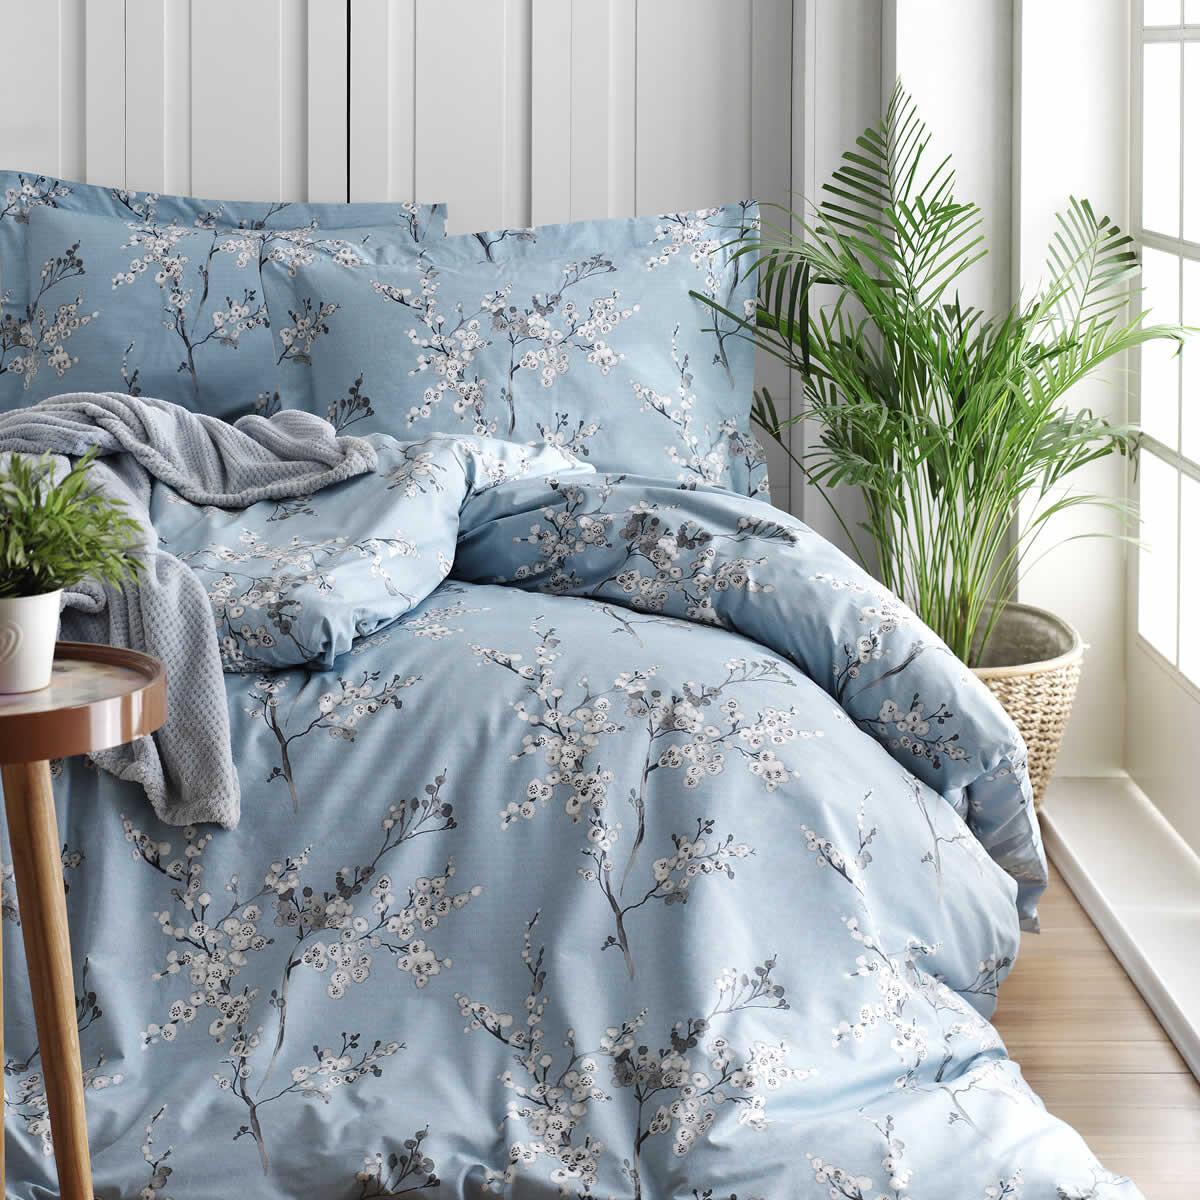 Chicory Mavi Nevresim Takımı - Çift Kişilik